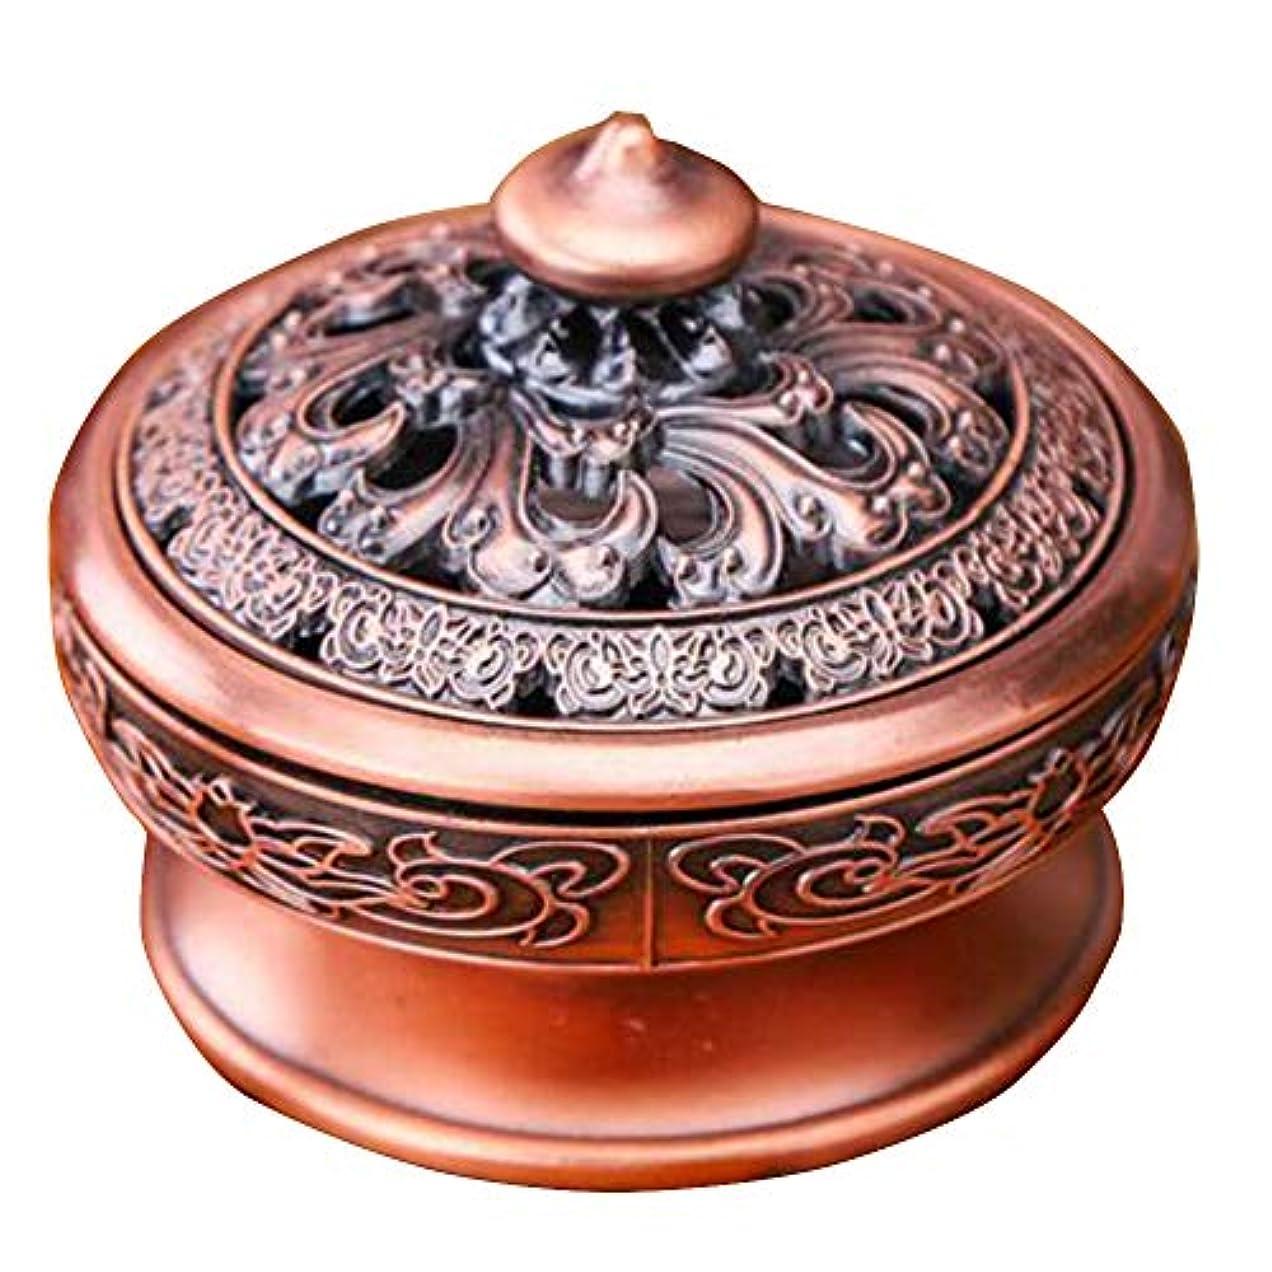 統治するサイレントノベルティ(イスイ)YISHUI 香炉 お香 アロマ 銅製 丸香炉 お線香立て お香立て 香皿 アンティークモダン風 蓋 スティック 直径7.1cm HP0232 (赤色)